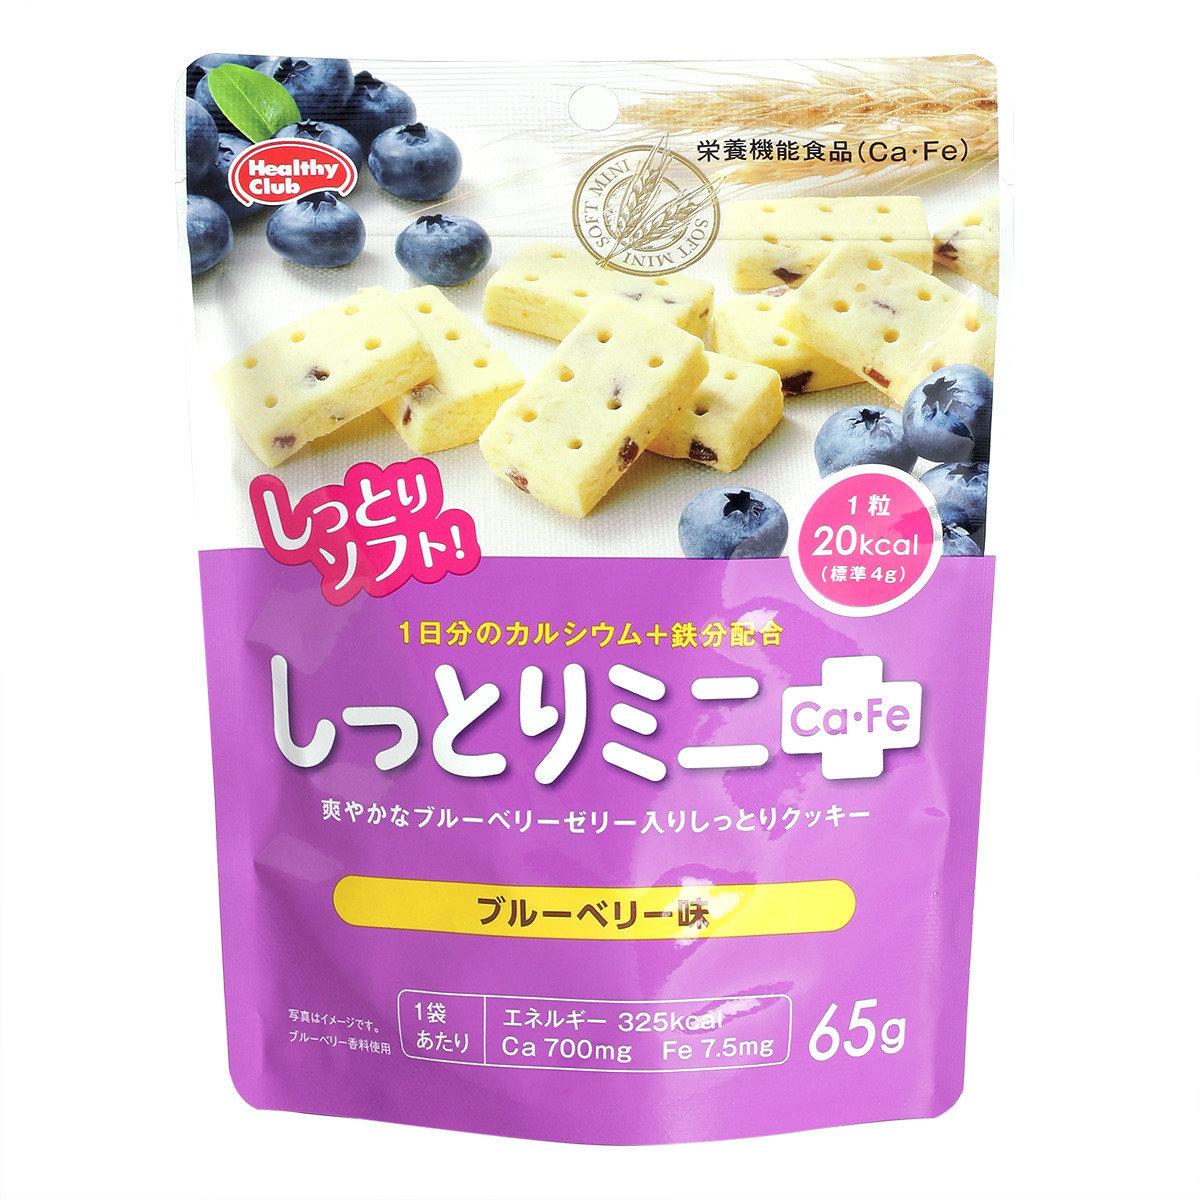 迷你營養餅易拉袋(藍莓味)